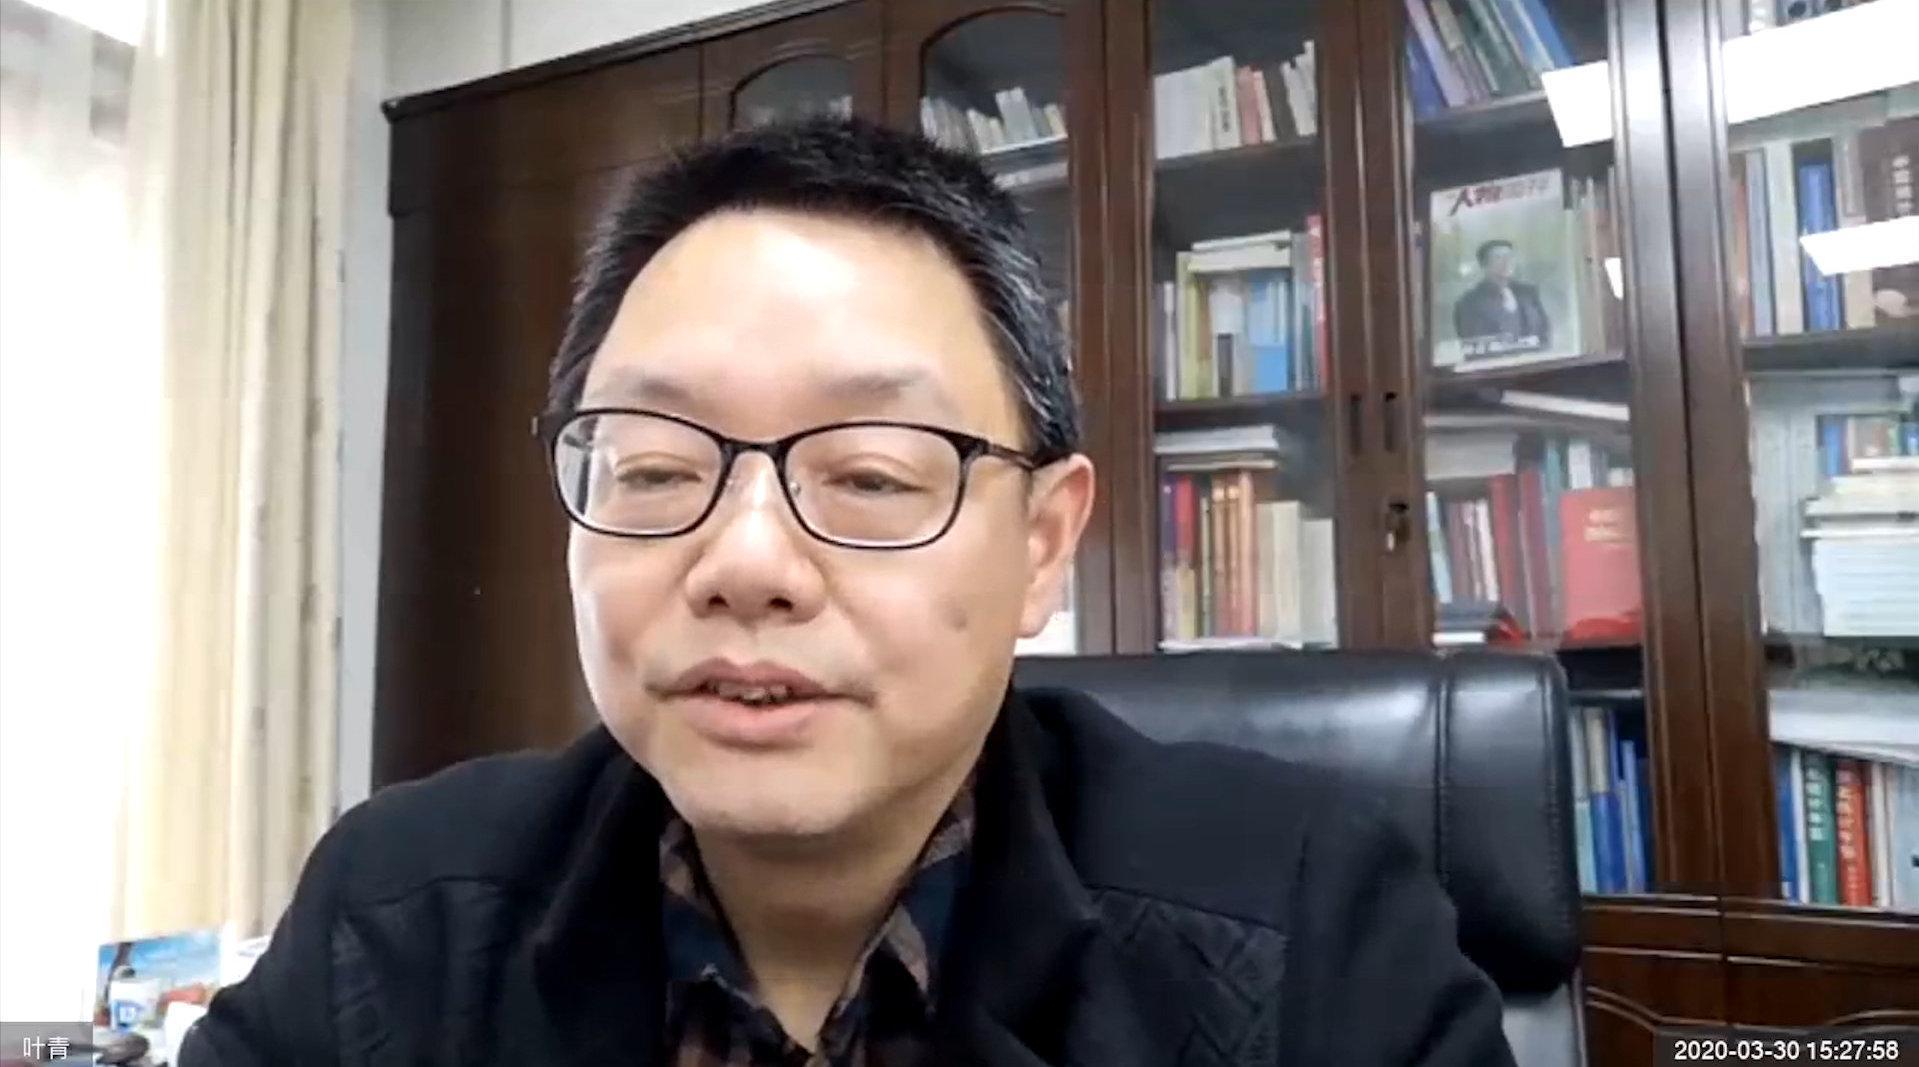 湖北省统计局副局长叶青:健康领域投资机会将越来越多